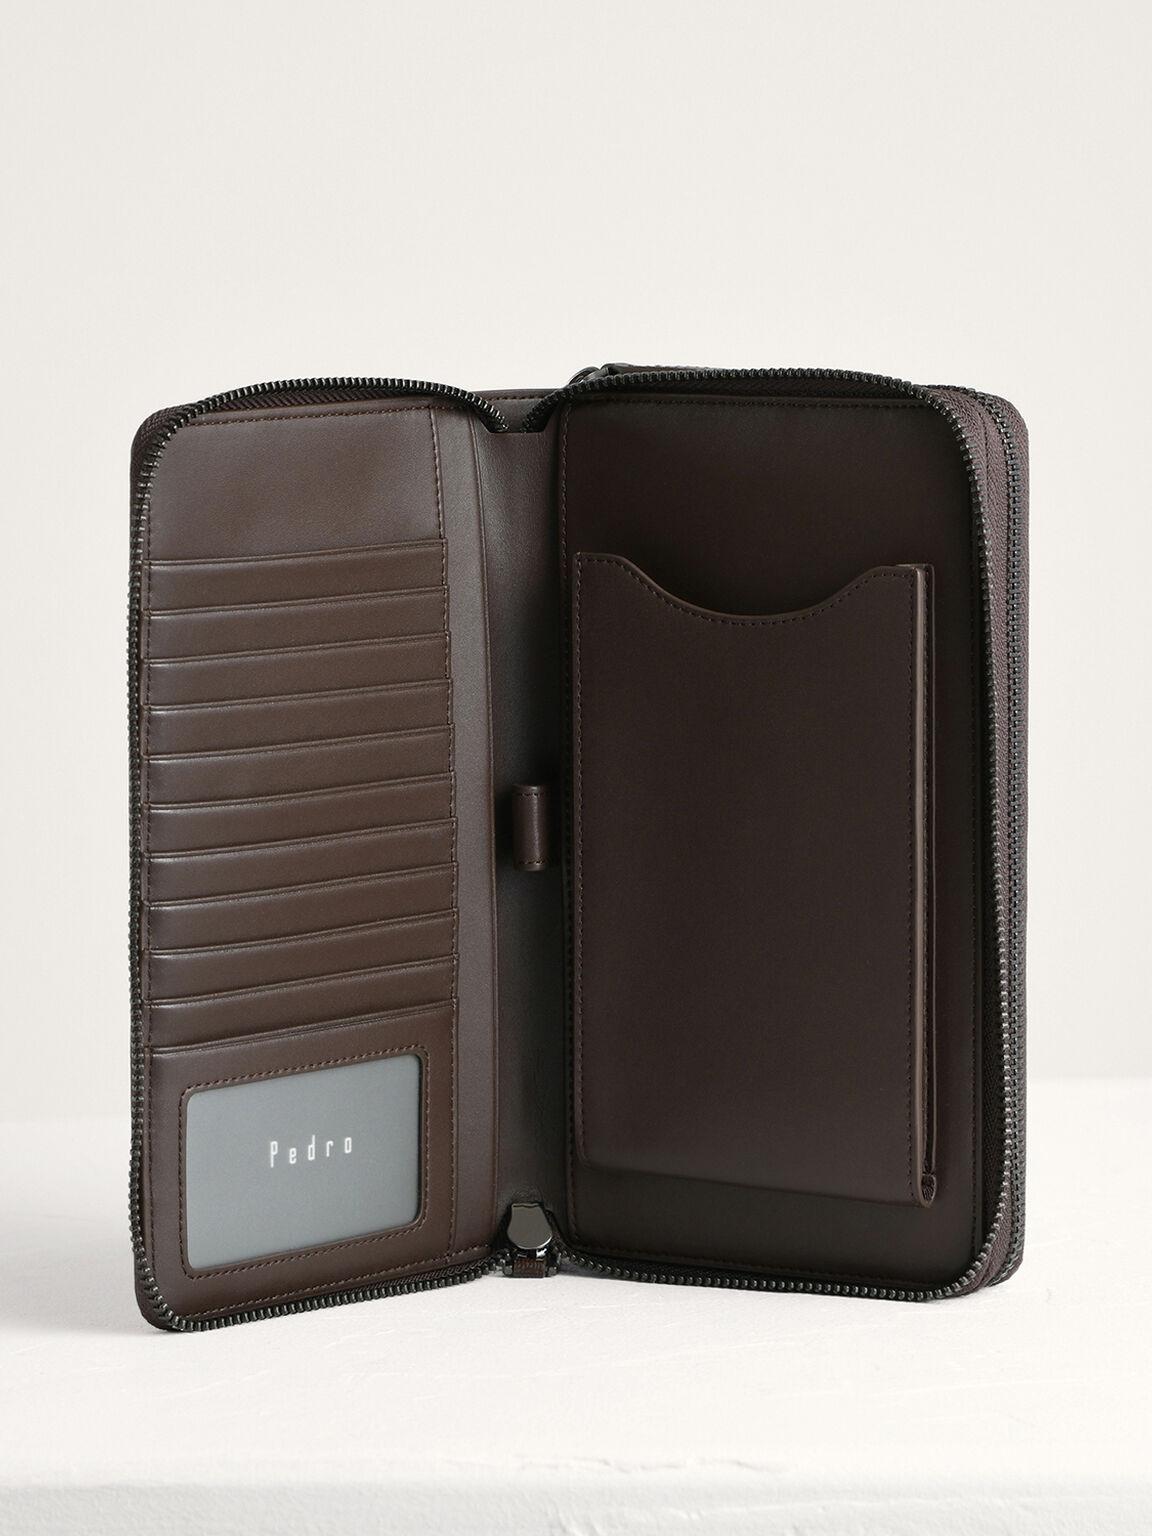 Leather Zip-Around Travel Organizer, Dark Brown, hi-res